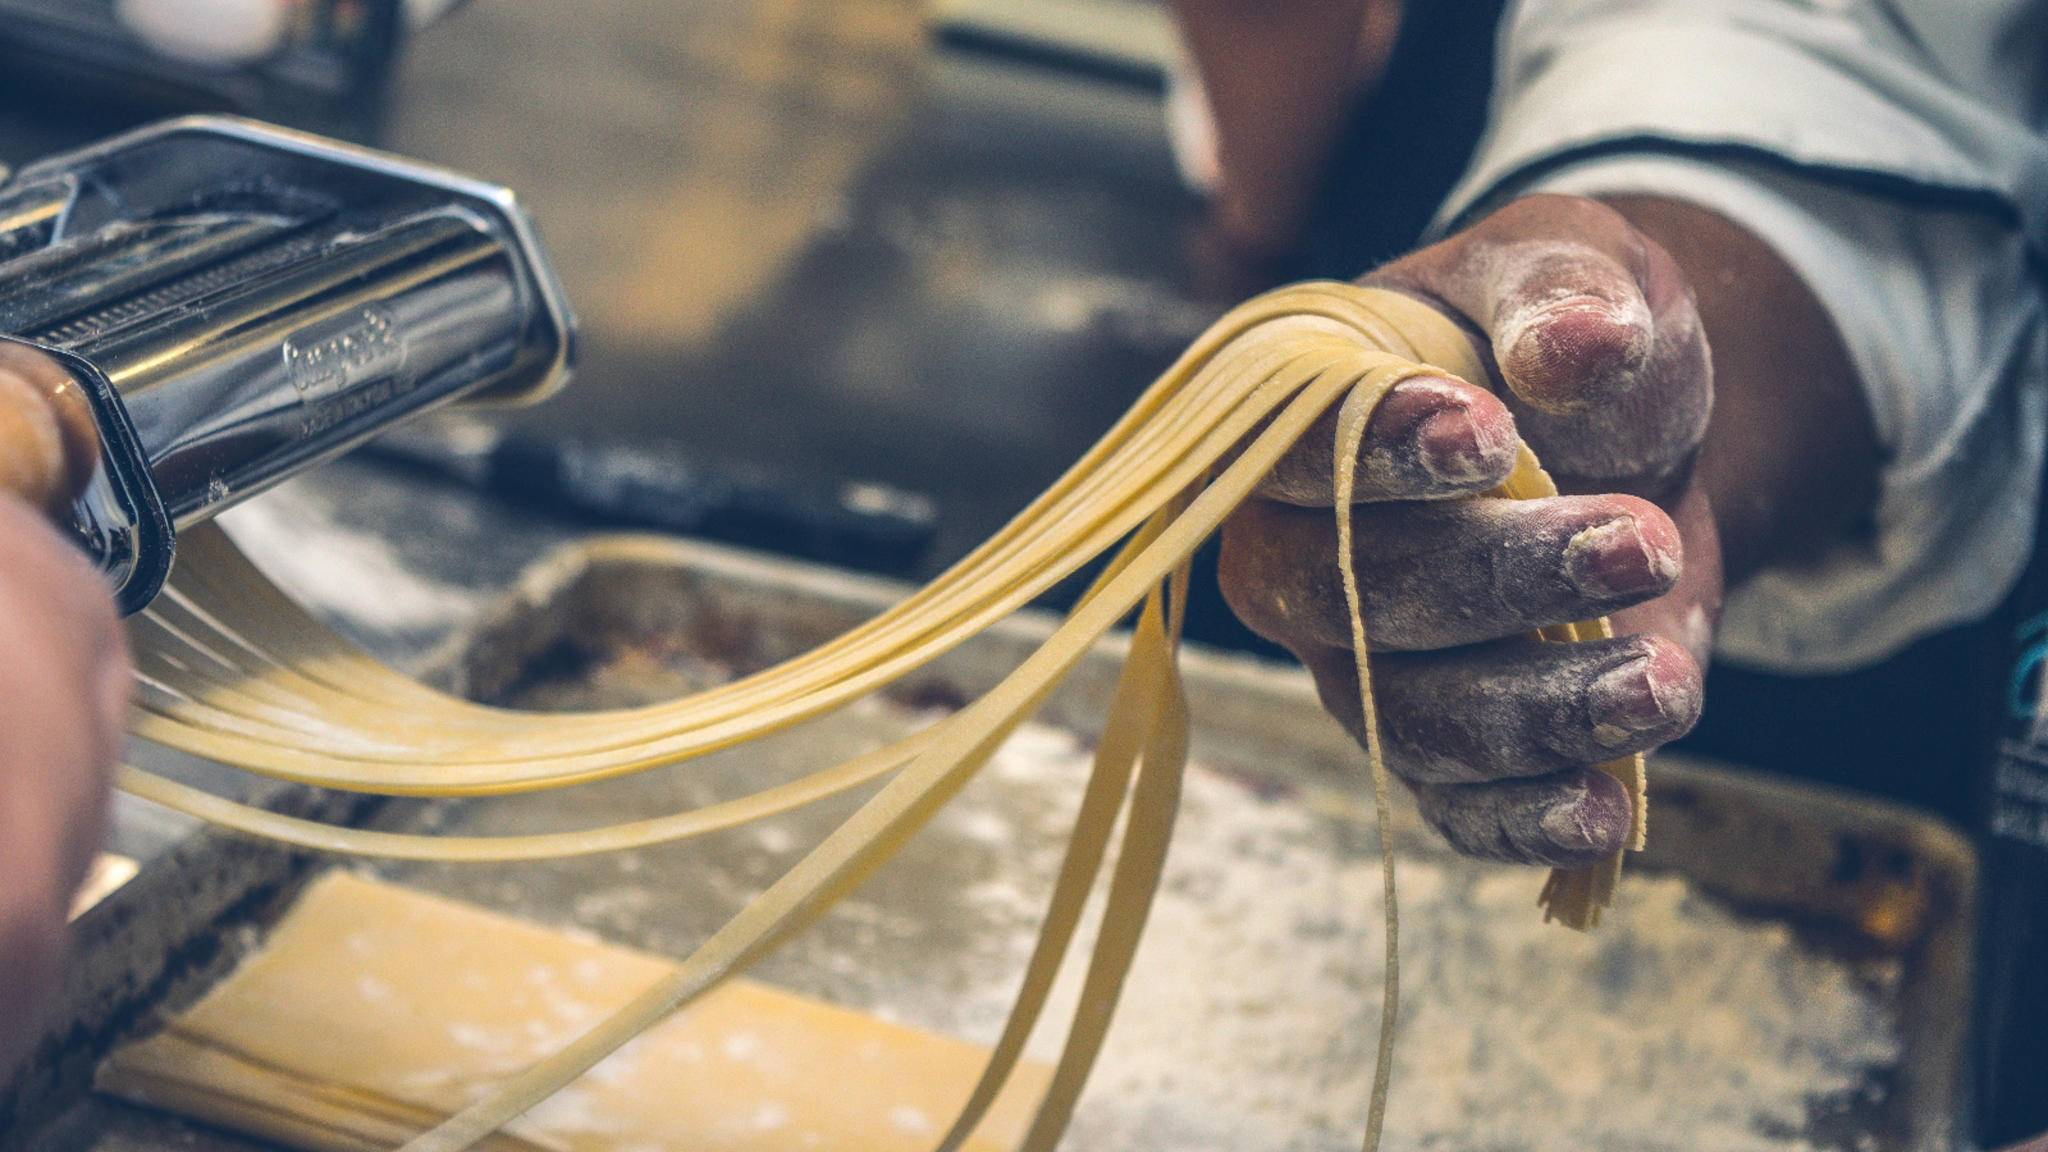 Mit frischen Nudeln aus der Nudelmaschine gibst Du Deinen Pasta-Künsten den letzten Schliff.